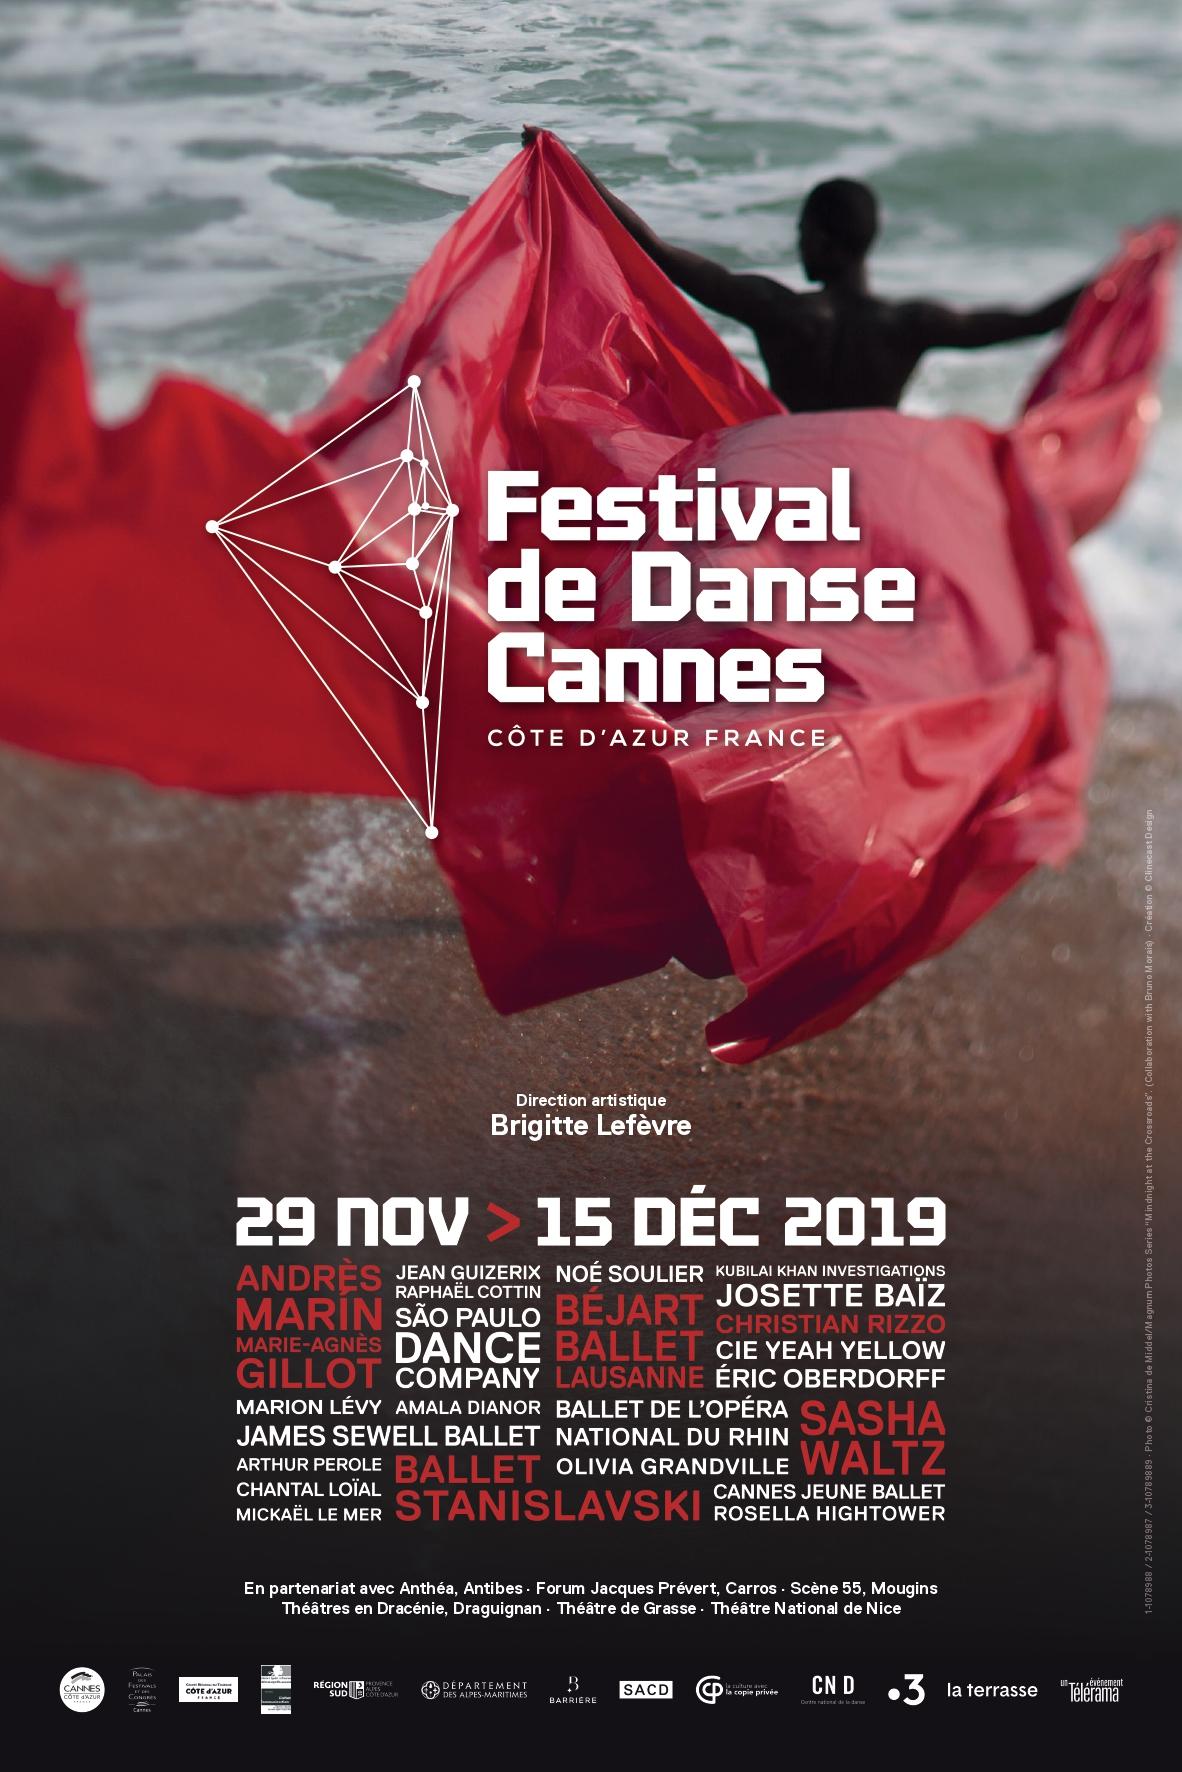 festivaldedanse2019-affiche-40x60cm_page-0001